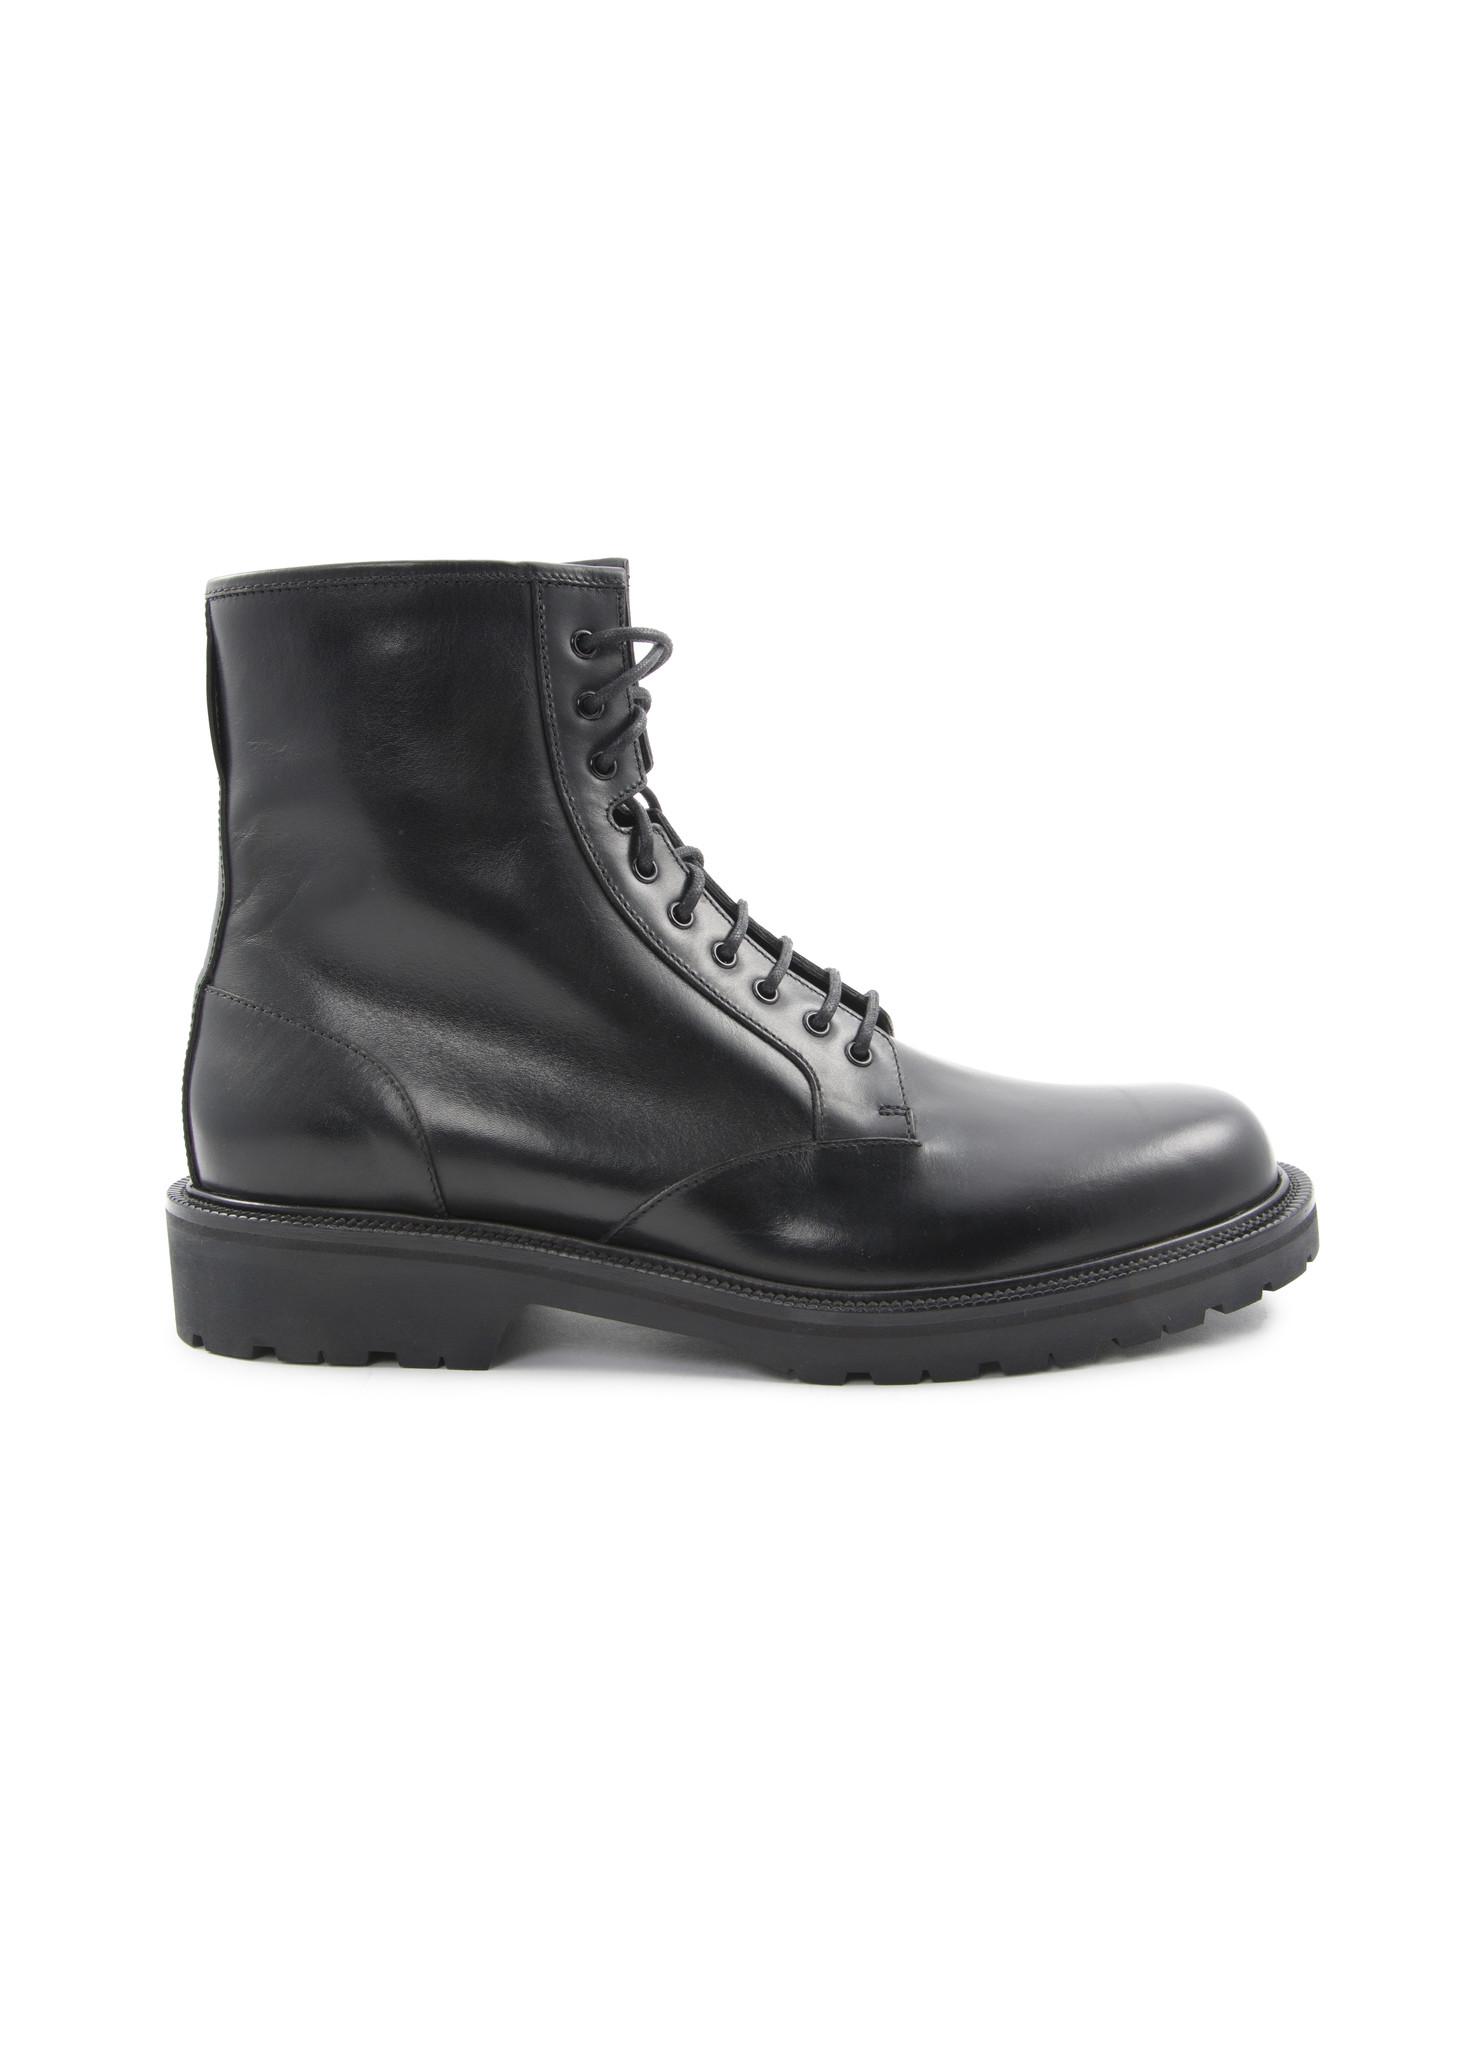 Botte militaire en cuir noir